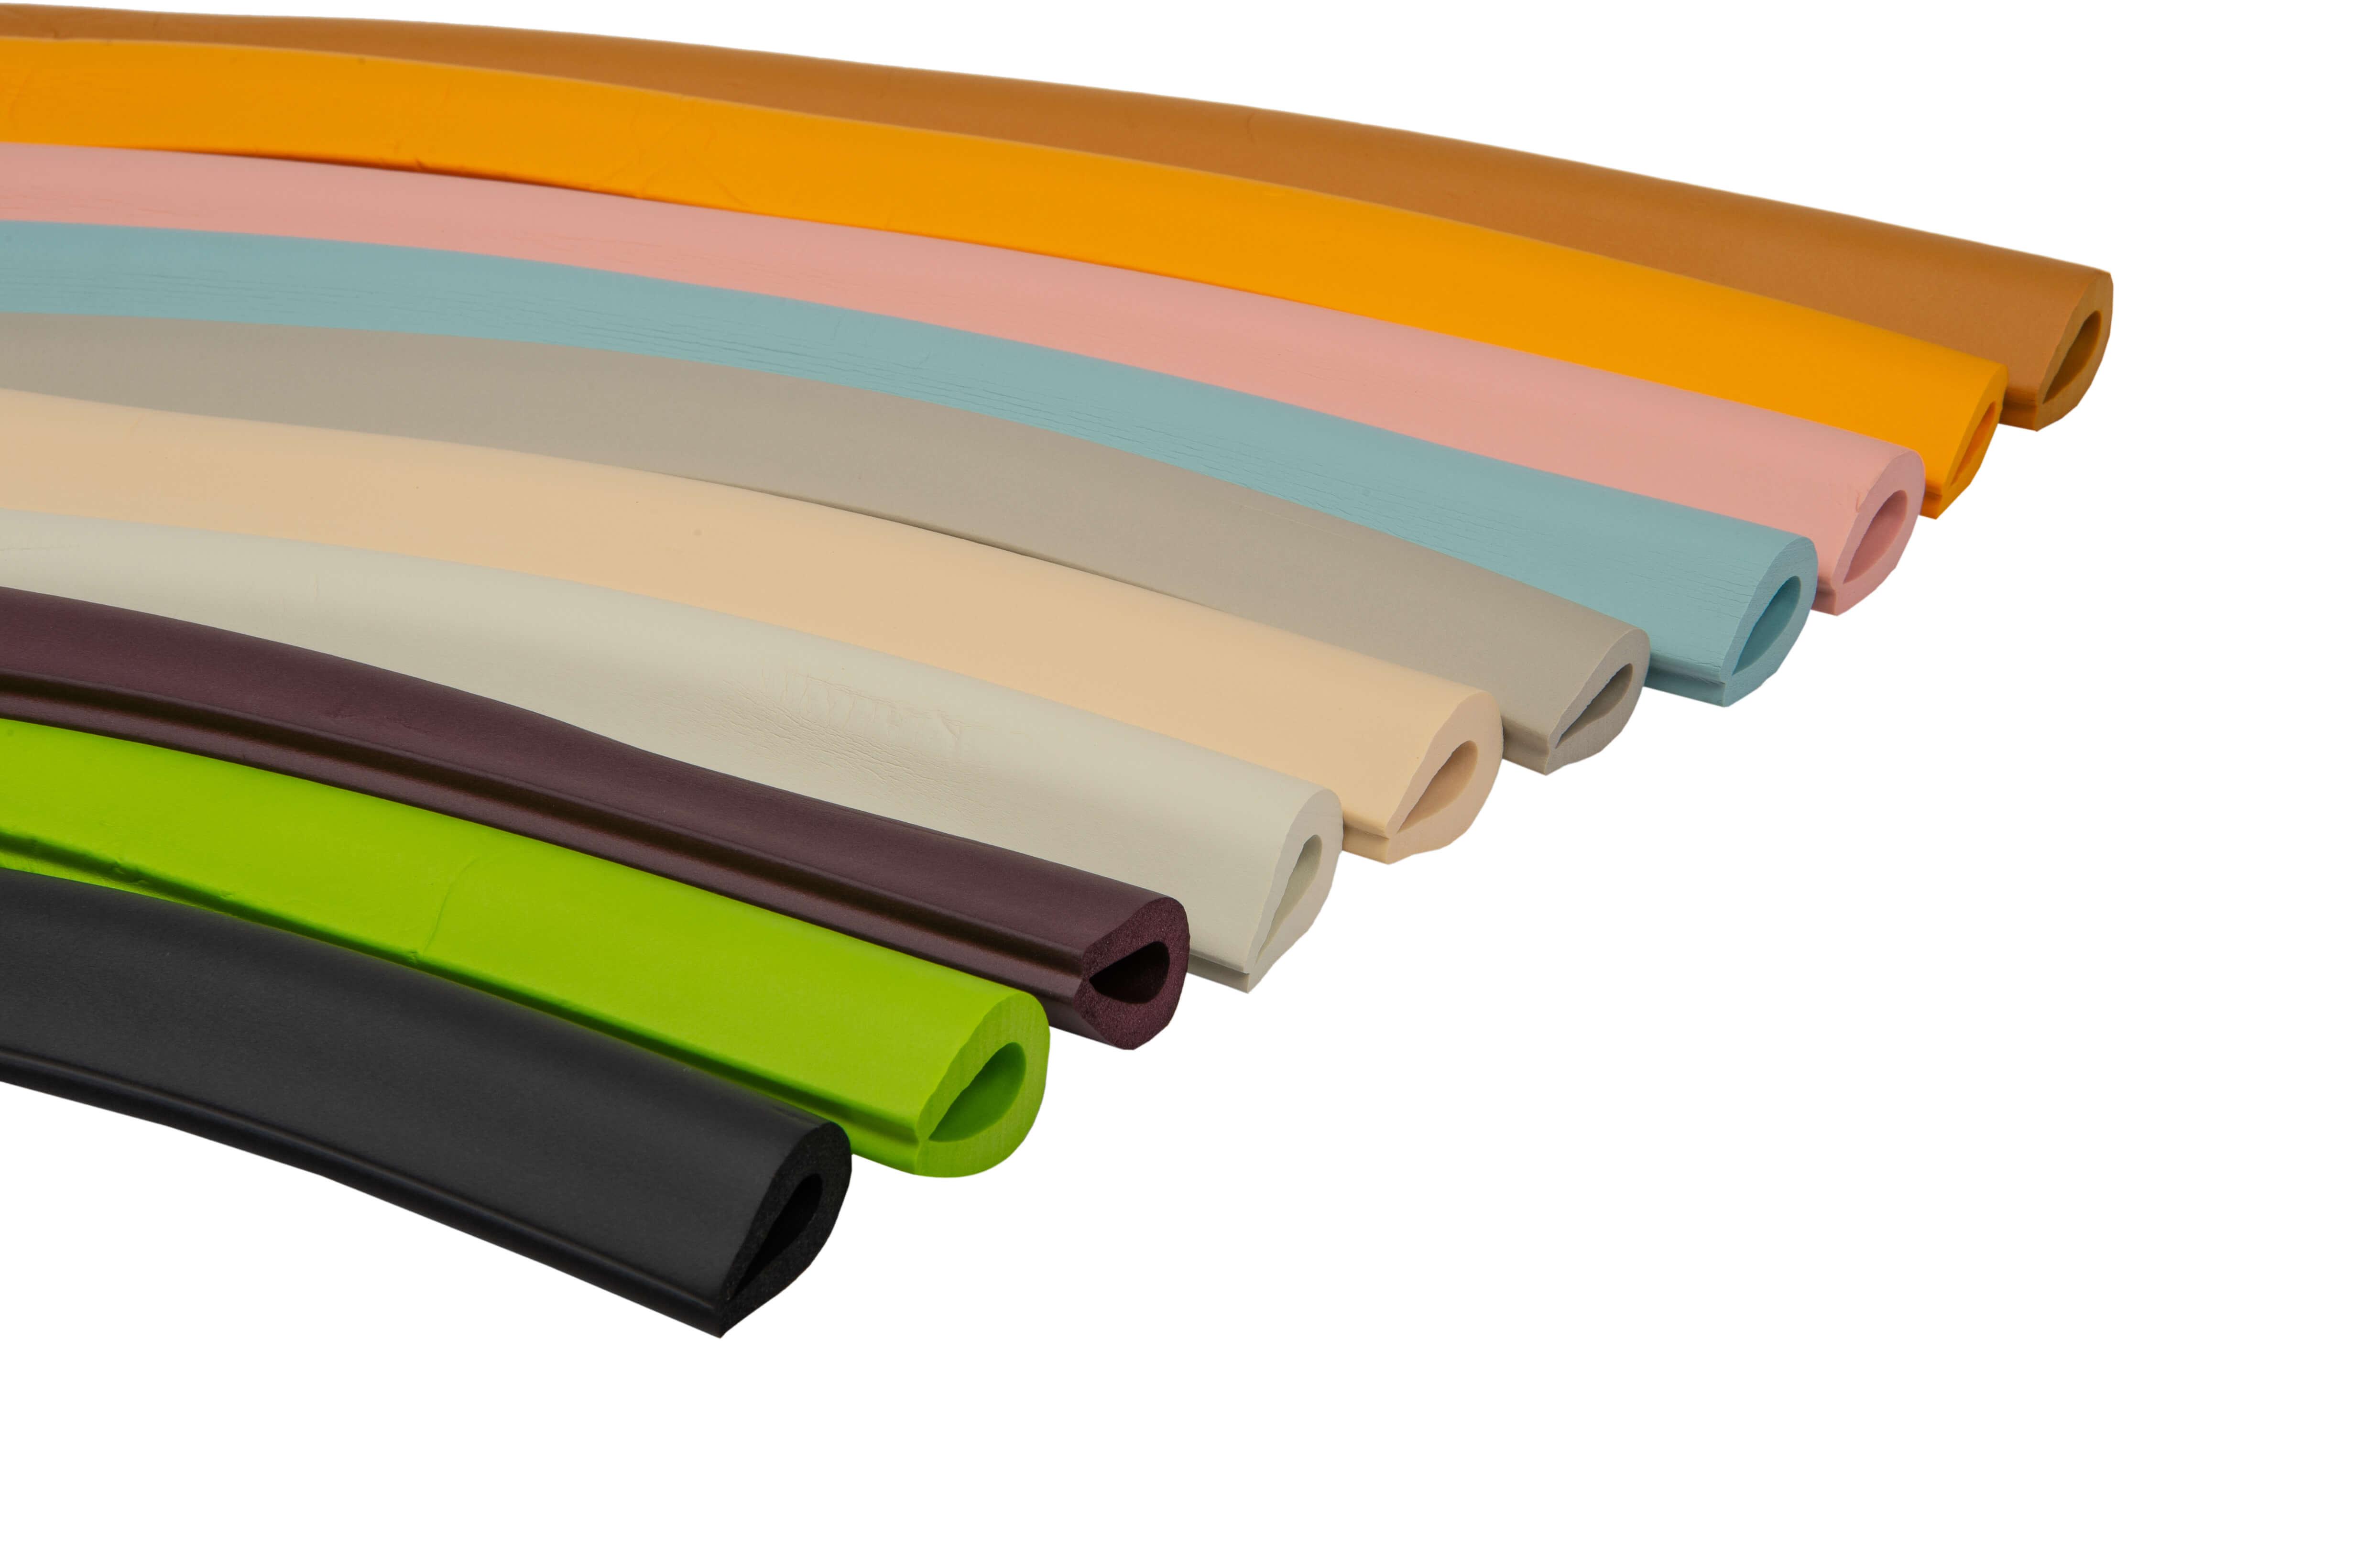 Benzi de protectie pentru marginile mobilei in diferite culori